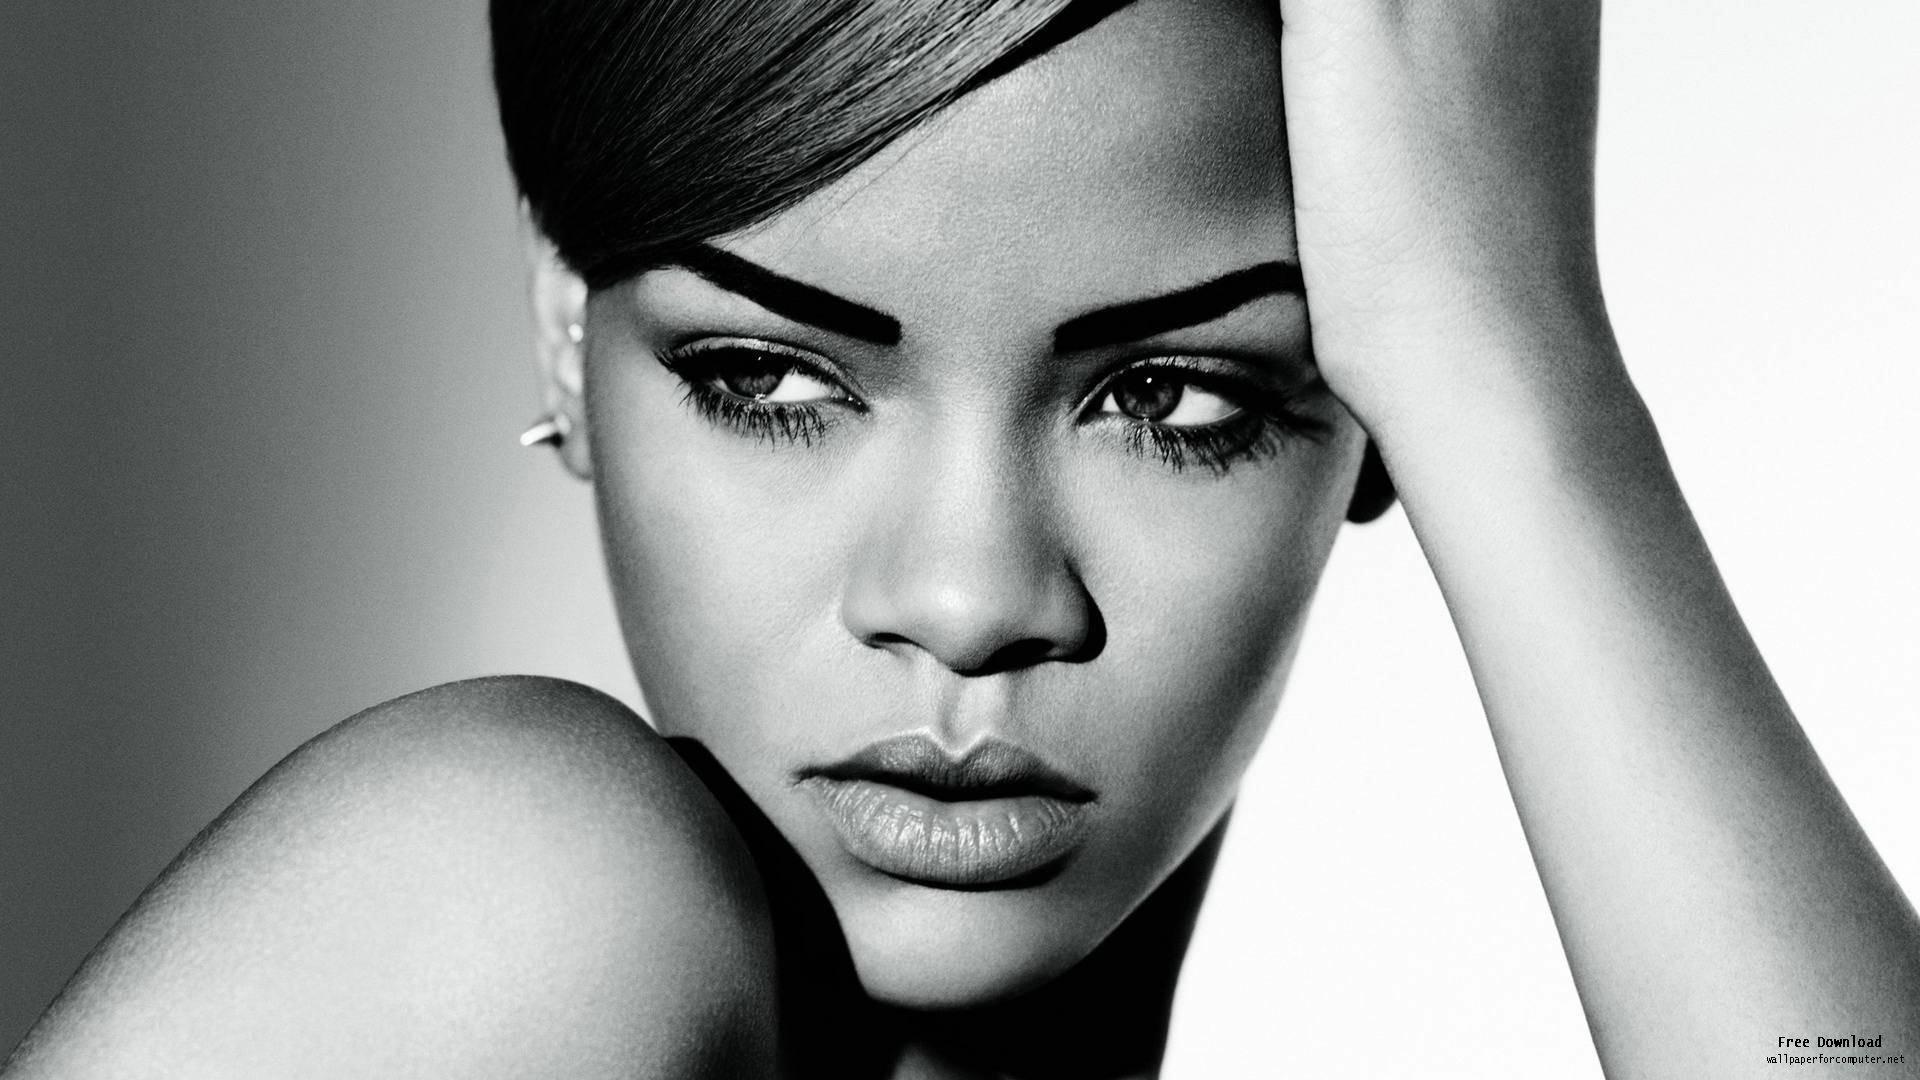 Rihanna Wallpaper HD #6970953